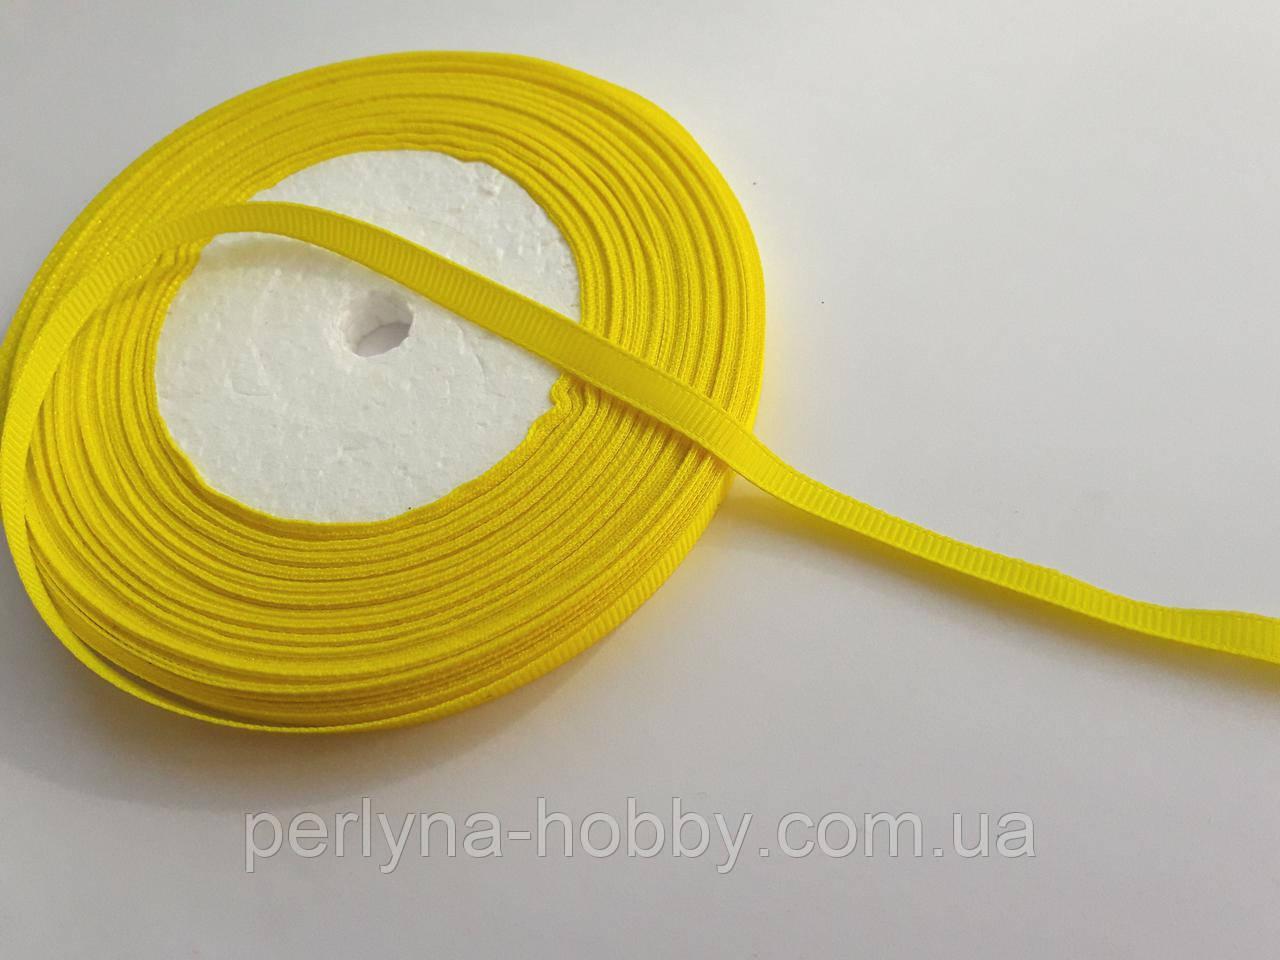 Стрічка репсова 6мм ( 22 метри в рулоні) жовта